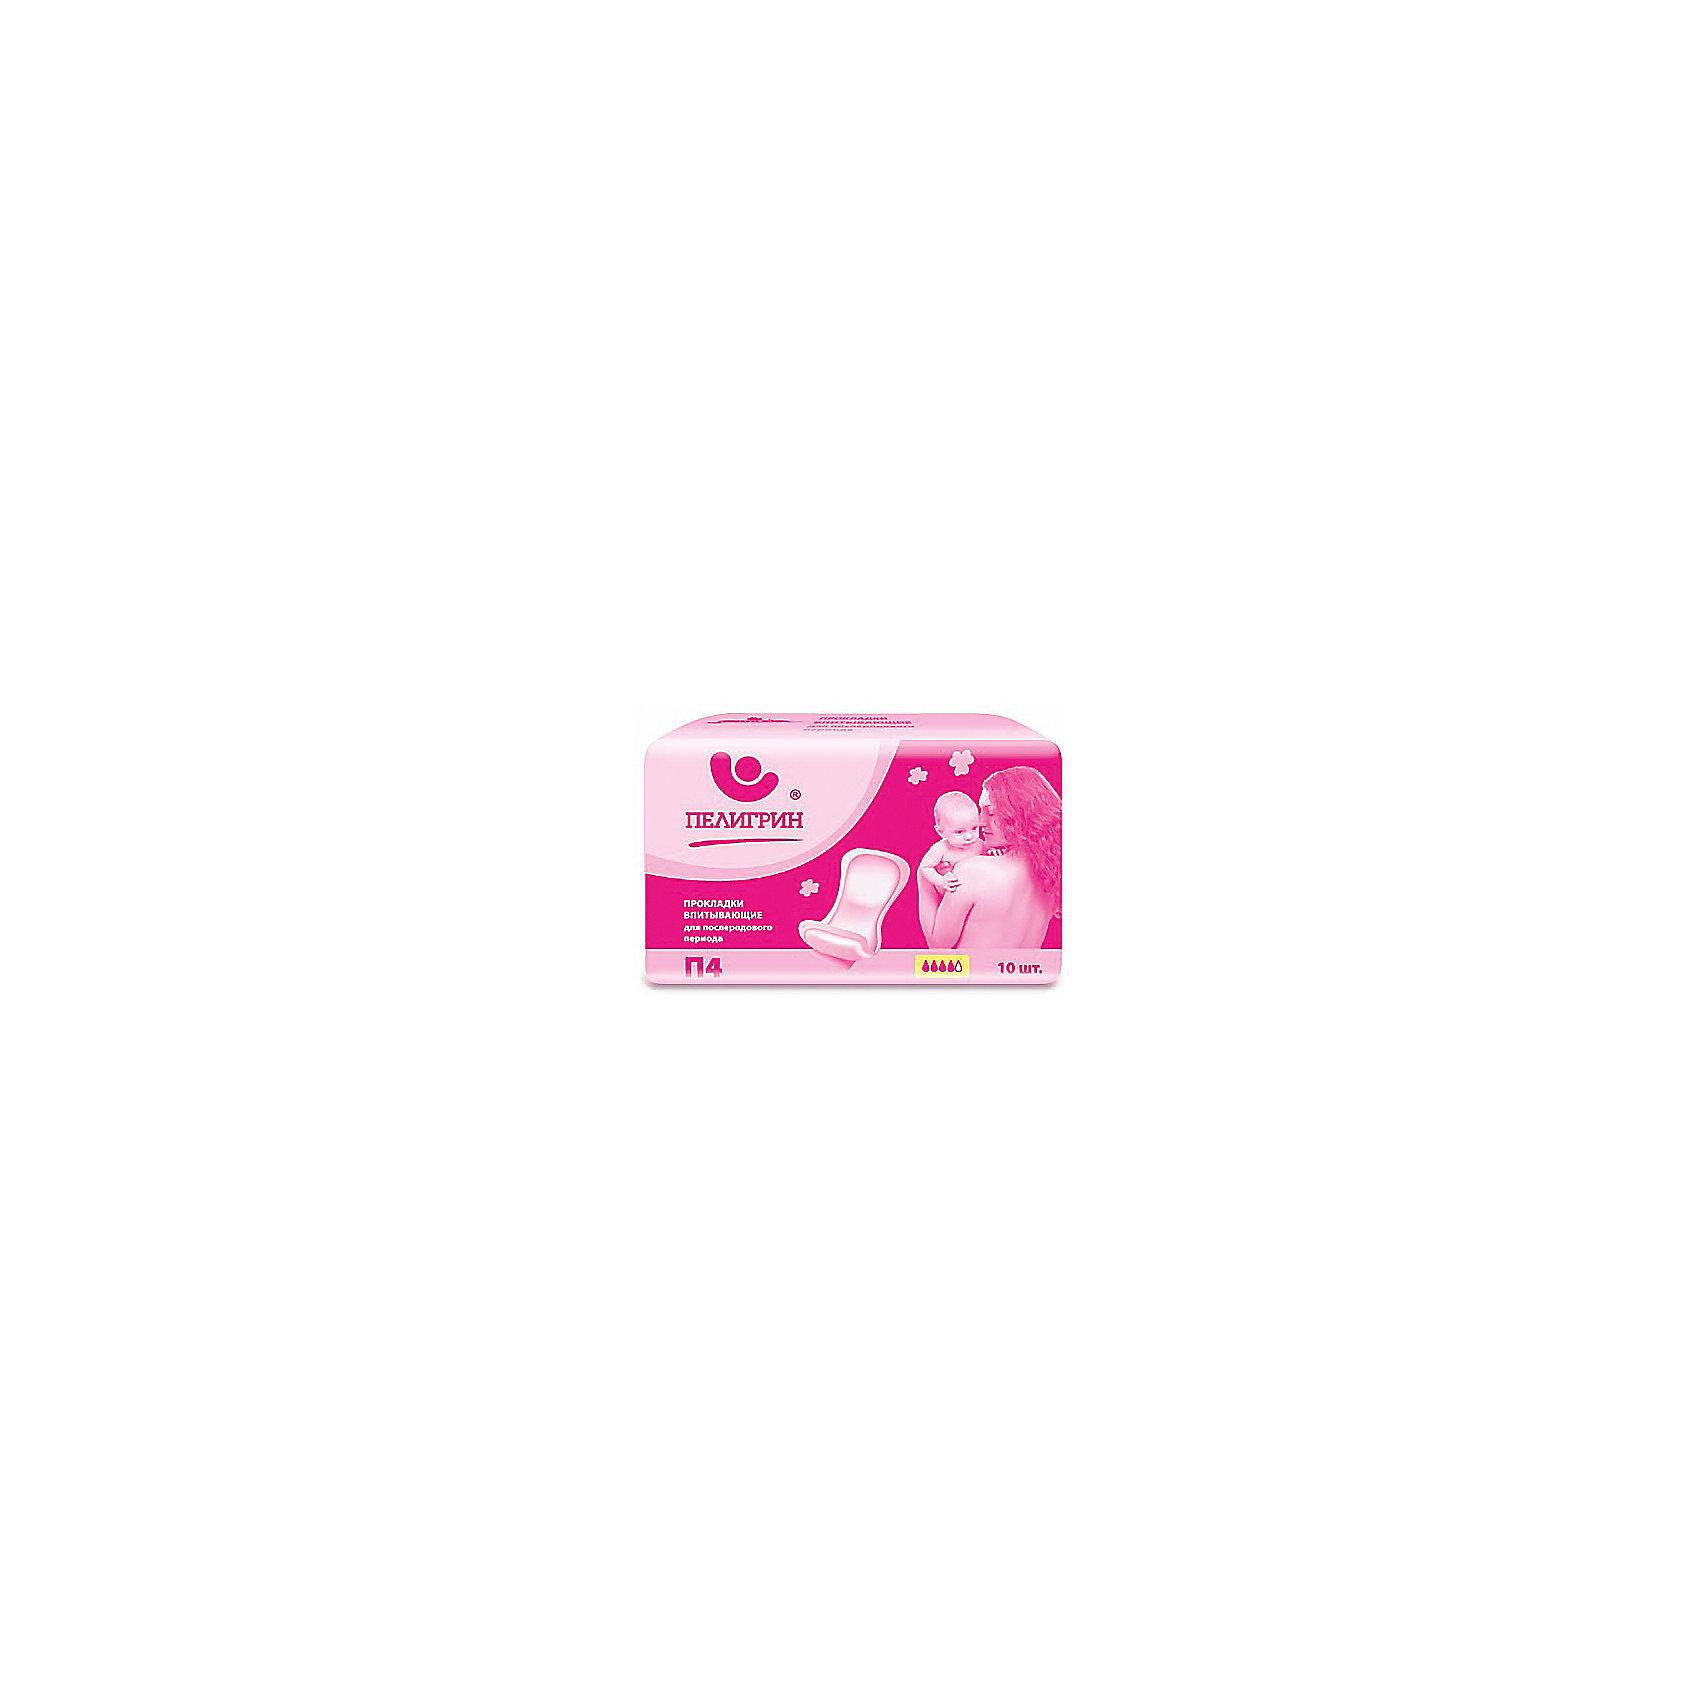 Прокладки послеродовые анатомич. 600 мл (10шт), ПелигринПослеродовые прокладки анатомической формы «Пелигрин» содержат абсорбент, надежно впитывают и удерживают внутри жидкость, влагу и обильные выделения. Прокладки с фиксацией предназначены для защиты в послеродовый период, имеются боковые резинки, которые препятствуют протеканию. <br><br>Дополнительная информация:<br><br>Прокладки впитывают до 600 мл жидкости. <br>Прокладка фиксируется одноразовыми трусиками Пелигрин. Трусики в комплект не входят.<br><br>Состав:<br>гидрофильное нетканое полотно, 100% полипропилен, распушённая целлюлоза, клеевой слой, антиагезивный материал, полиэтилен, полимерный суперабсорбент.<br><br>Прокладки послеродовые анатомич. 600 мл (10шт), Пелигрин можно купить в нашем интернет-магазине.<br><br>Ширина мм: 300<br>Глубина мм: 100<br>Высота мм: 50<br>Вес г: 600<br>Возраст от месяцев: -2147483648<br>Возраст до месяцев: 2147483647<br>Пол: Унисекс<br>Возраст: Детский<br>SKU: 5008388